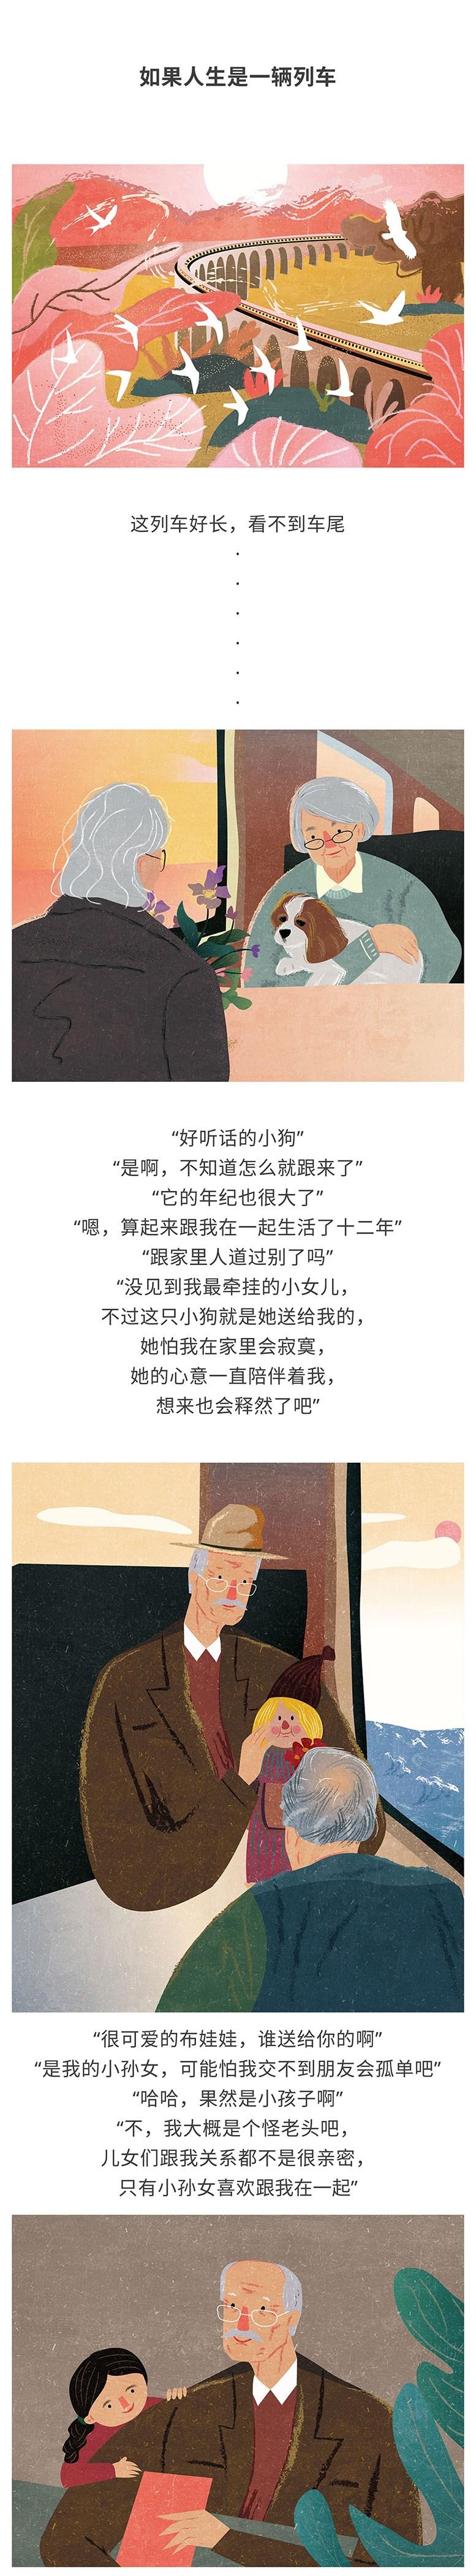 如果人生是一辆列车-济南原创插画/手绘-耕阡陌